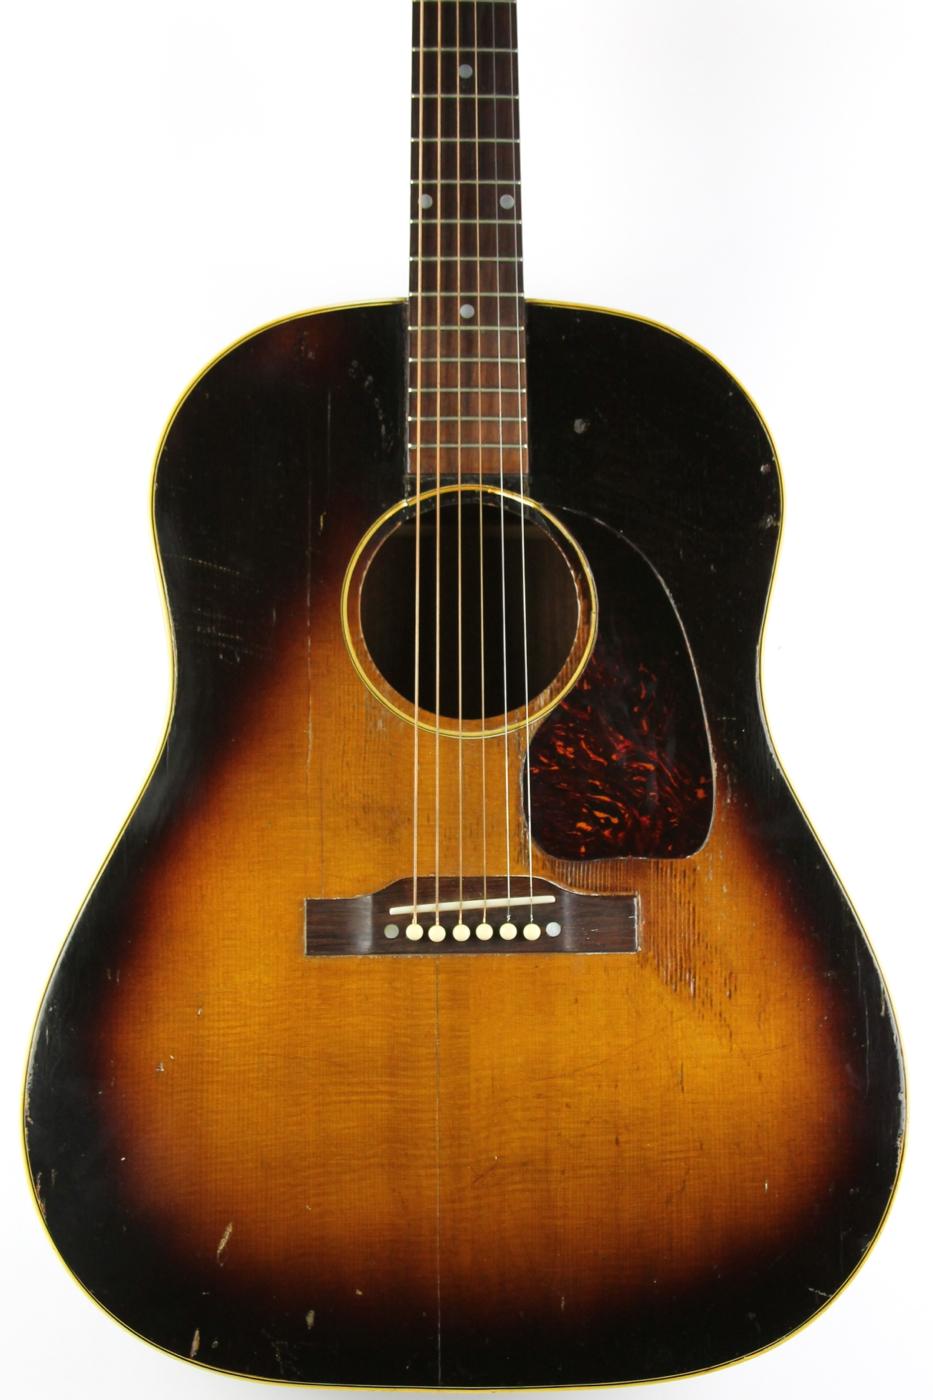 gibson j45 1953 sunburst guitar for sale thunder road guitars. Black Bedroom Furniture Sets. Home Design Ideas